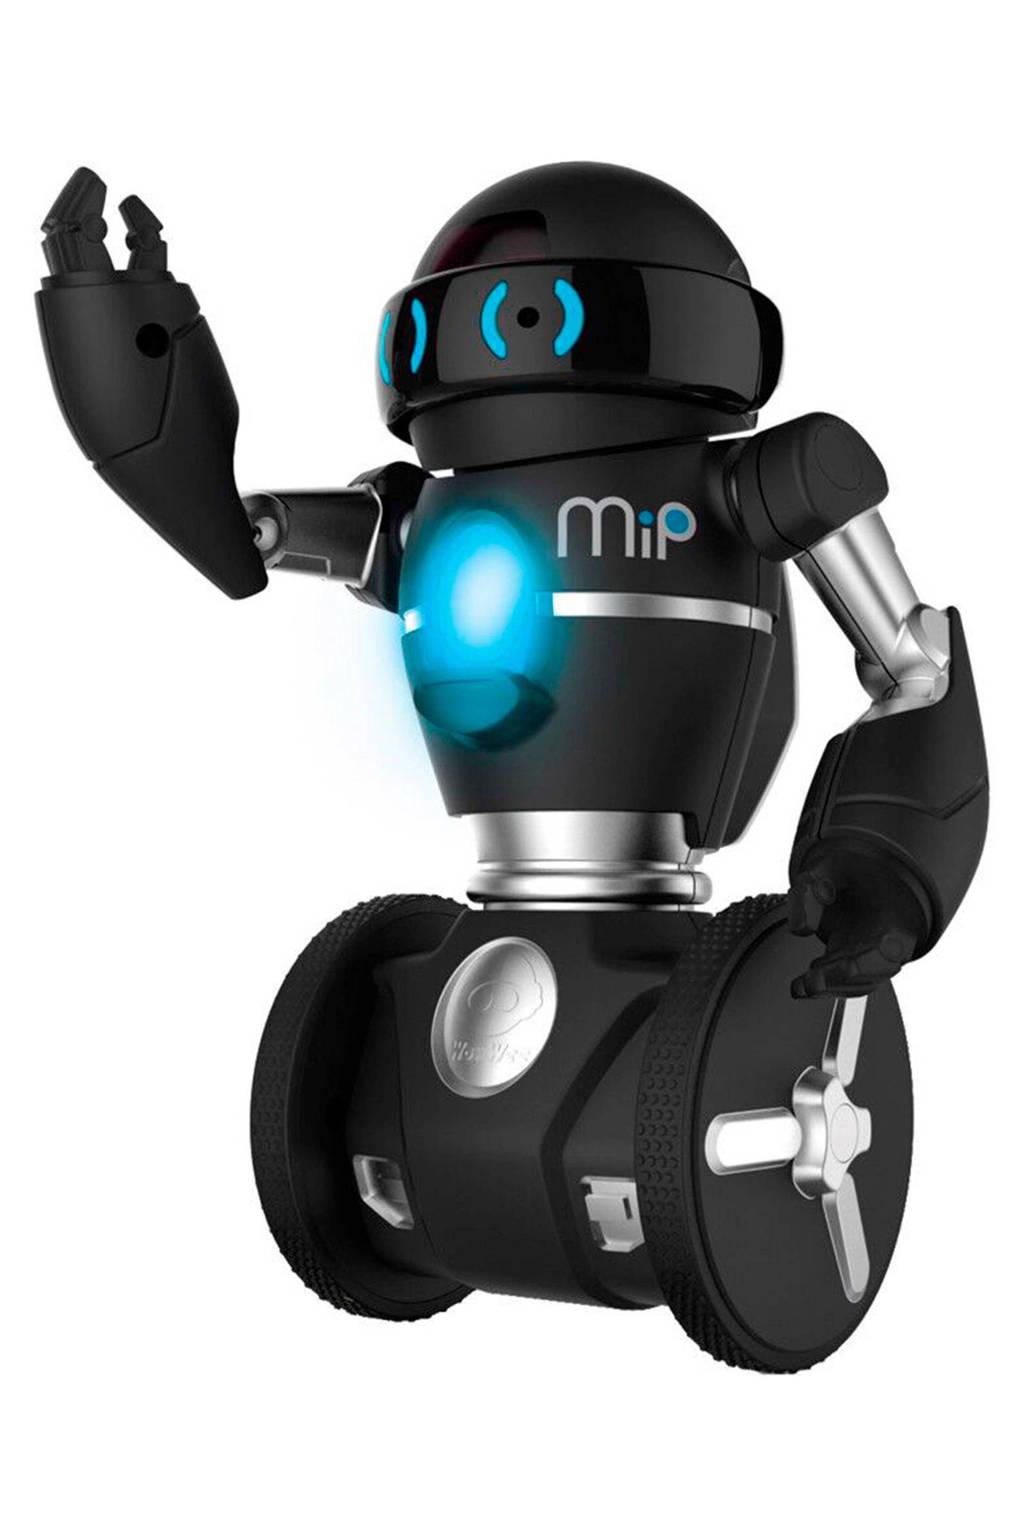 WowWee 5825 afstand bestuurbare robot MiP, Zwart